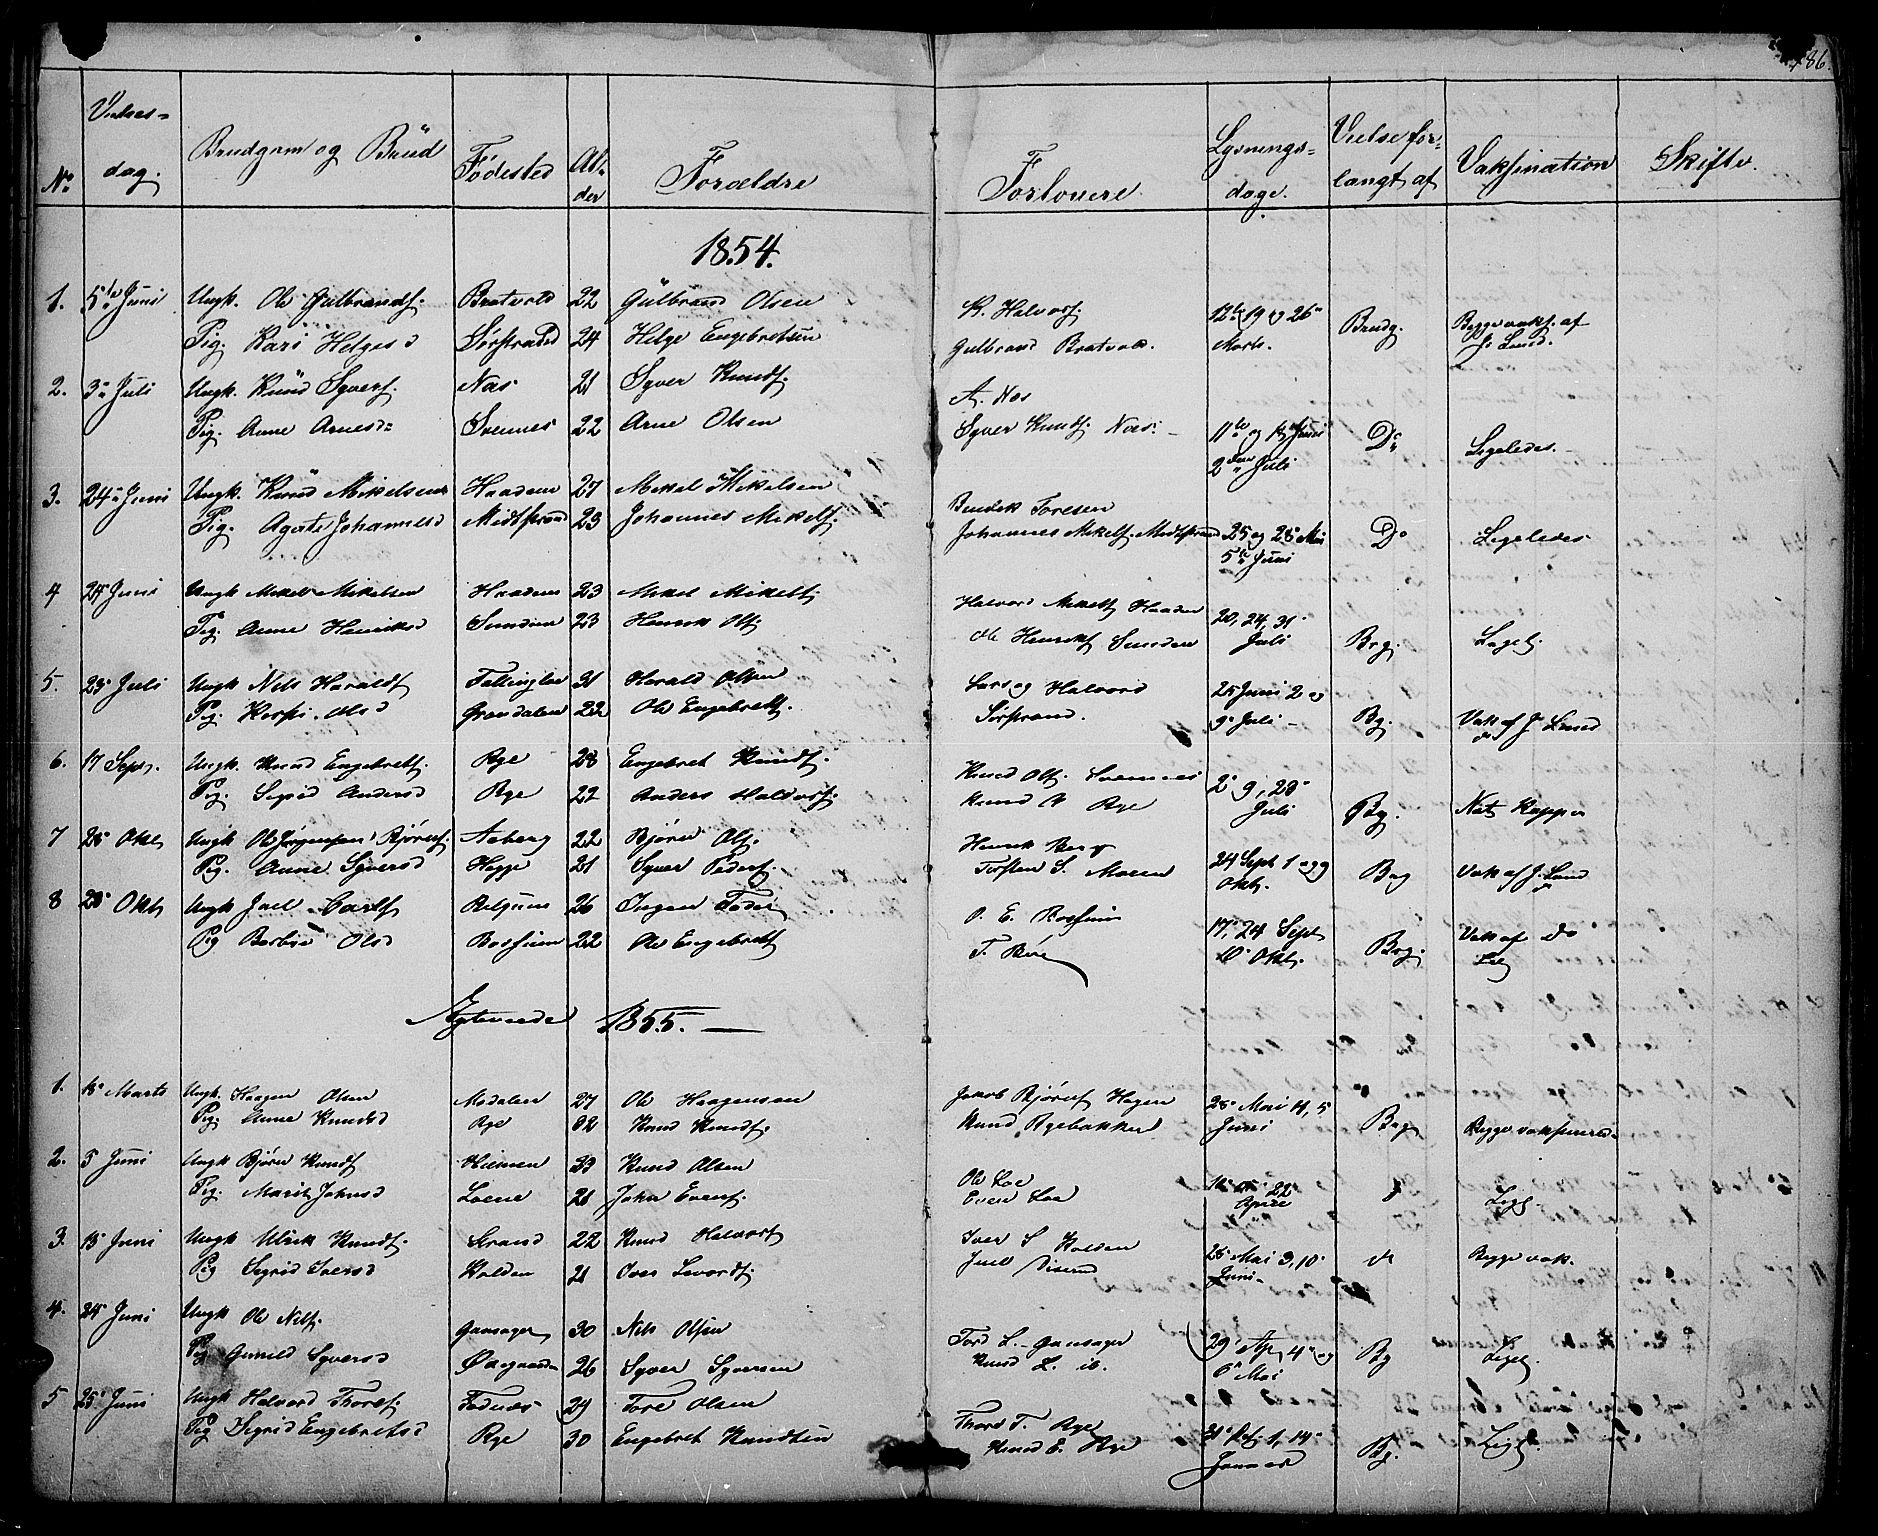 SAH, Nord-Aurdal prestekontor, Klokkerbok nr. 3, 1842-1882, s. 186